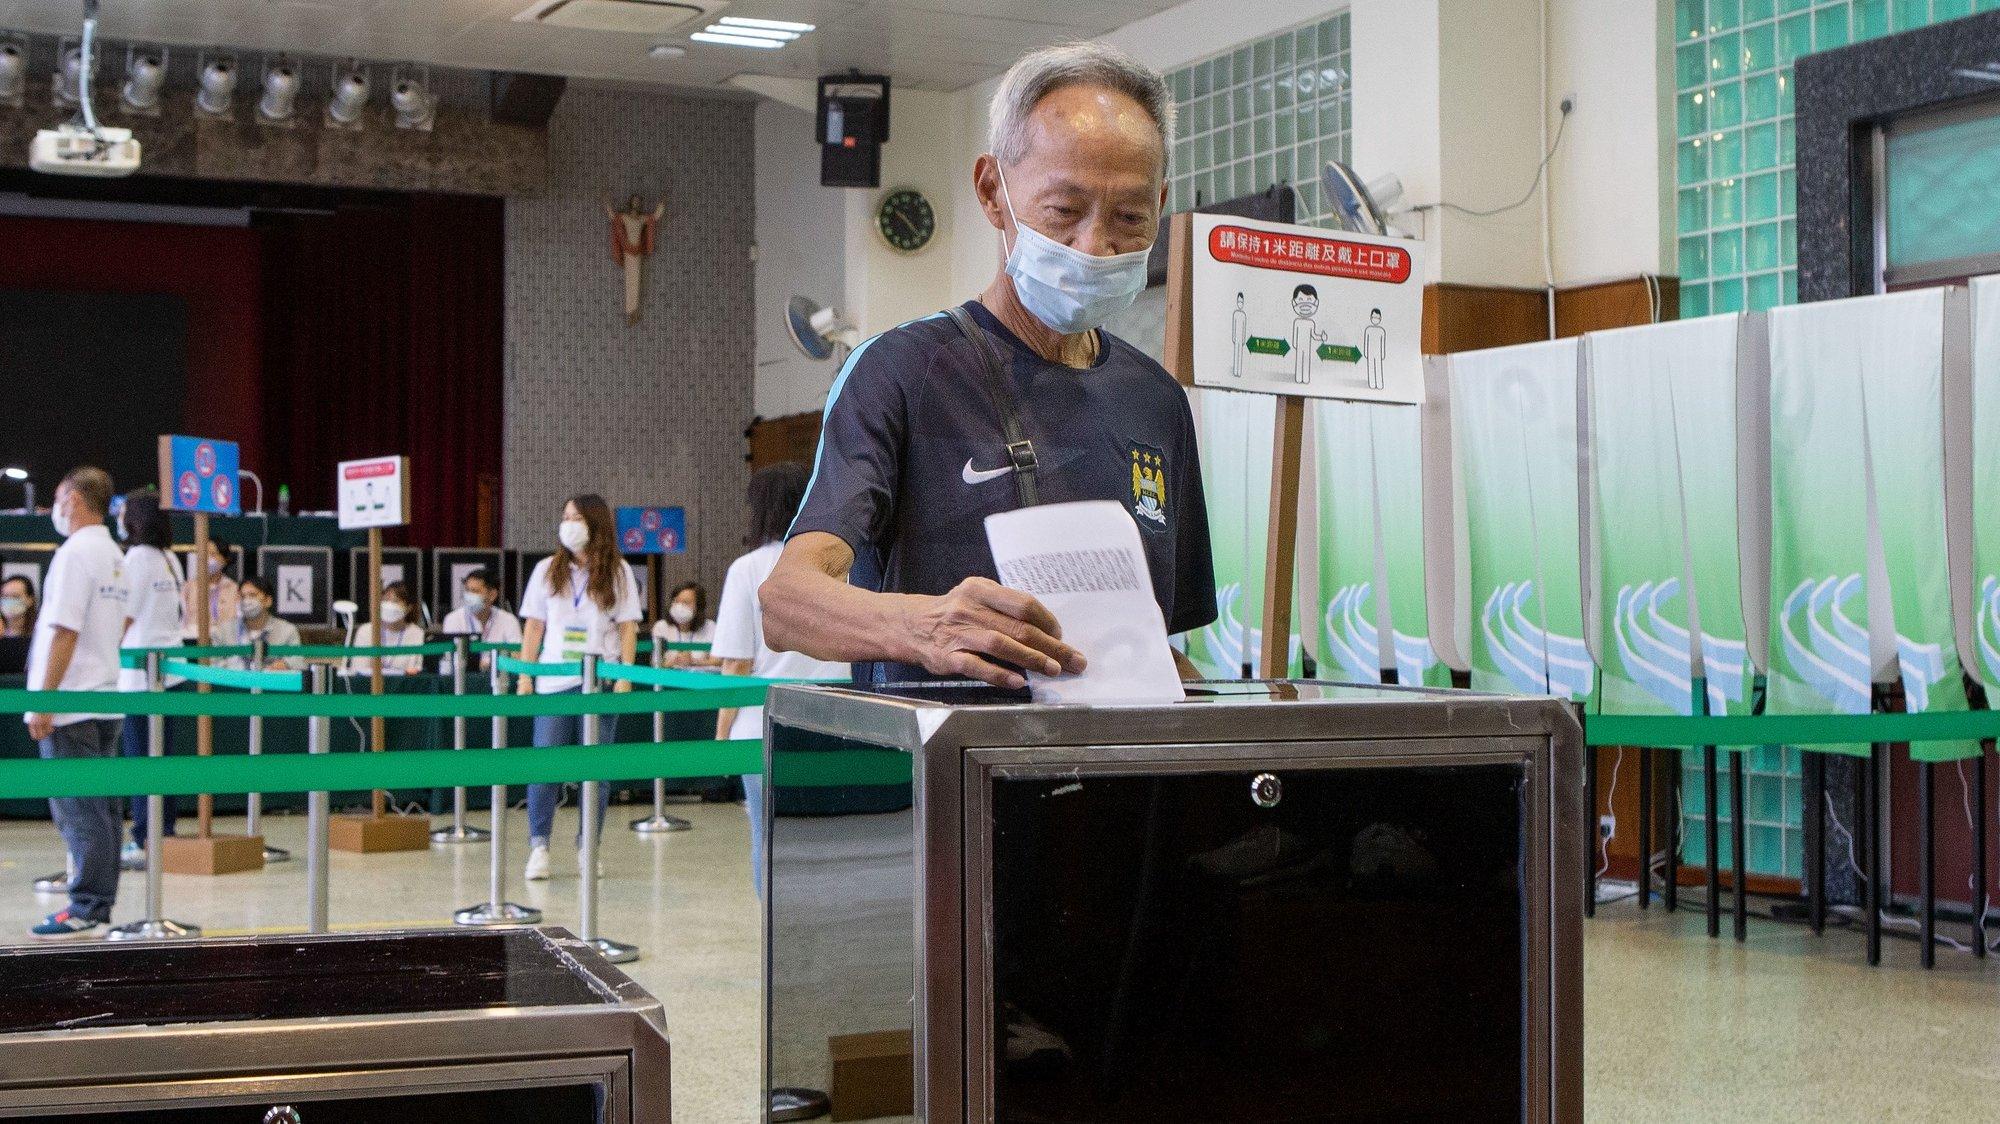 Decorre hoje em Macau as eleições para a 7ª Assembleia Legislativa da RAEM. Macau, 12 de Setembro de 2021. CARMO CORREIA/LUSA